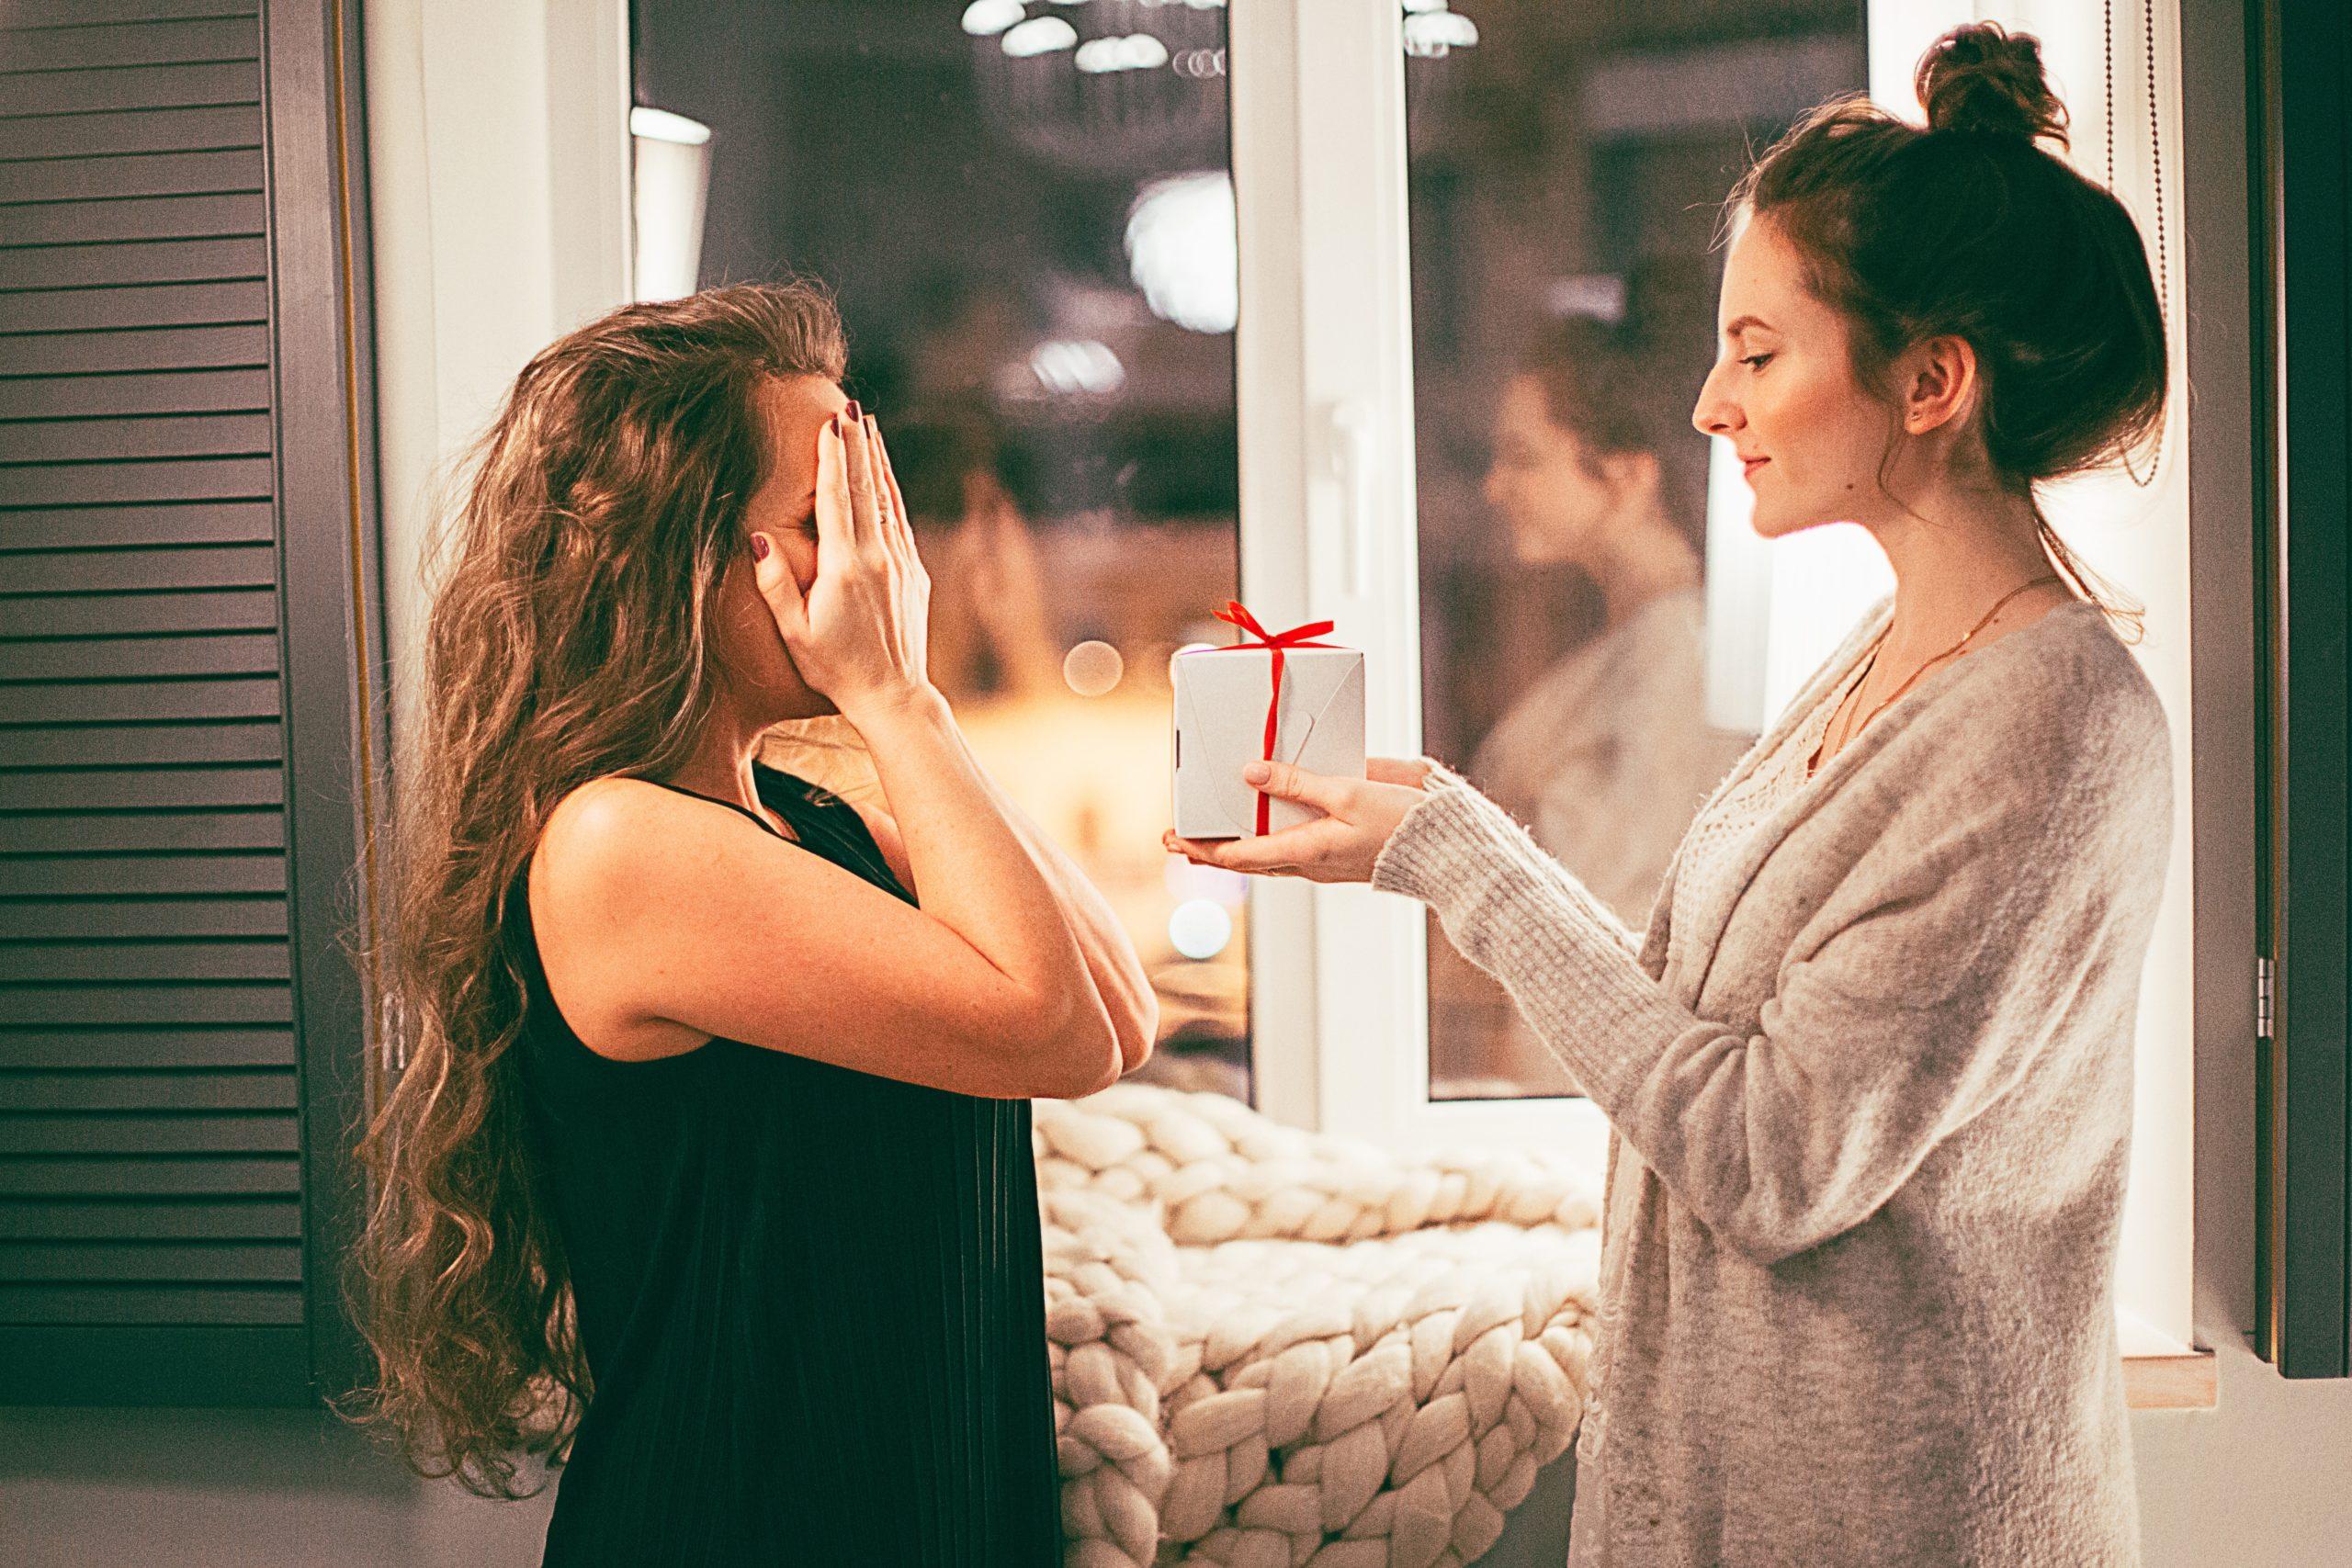 Eine Frau überreicht ihrer Freundin ein Geschenk.